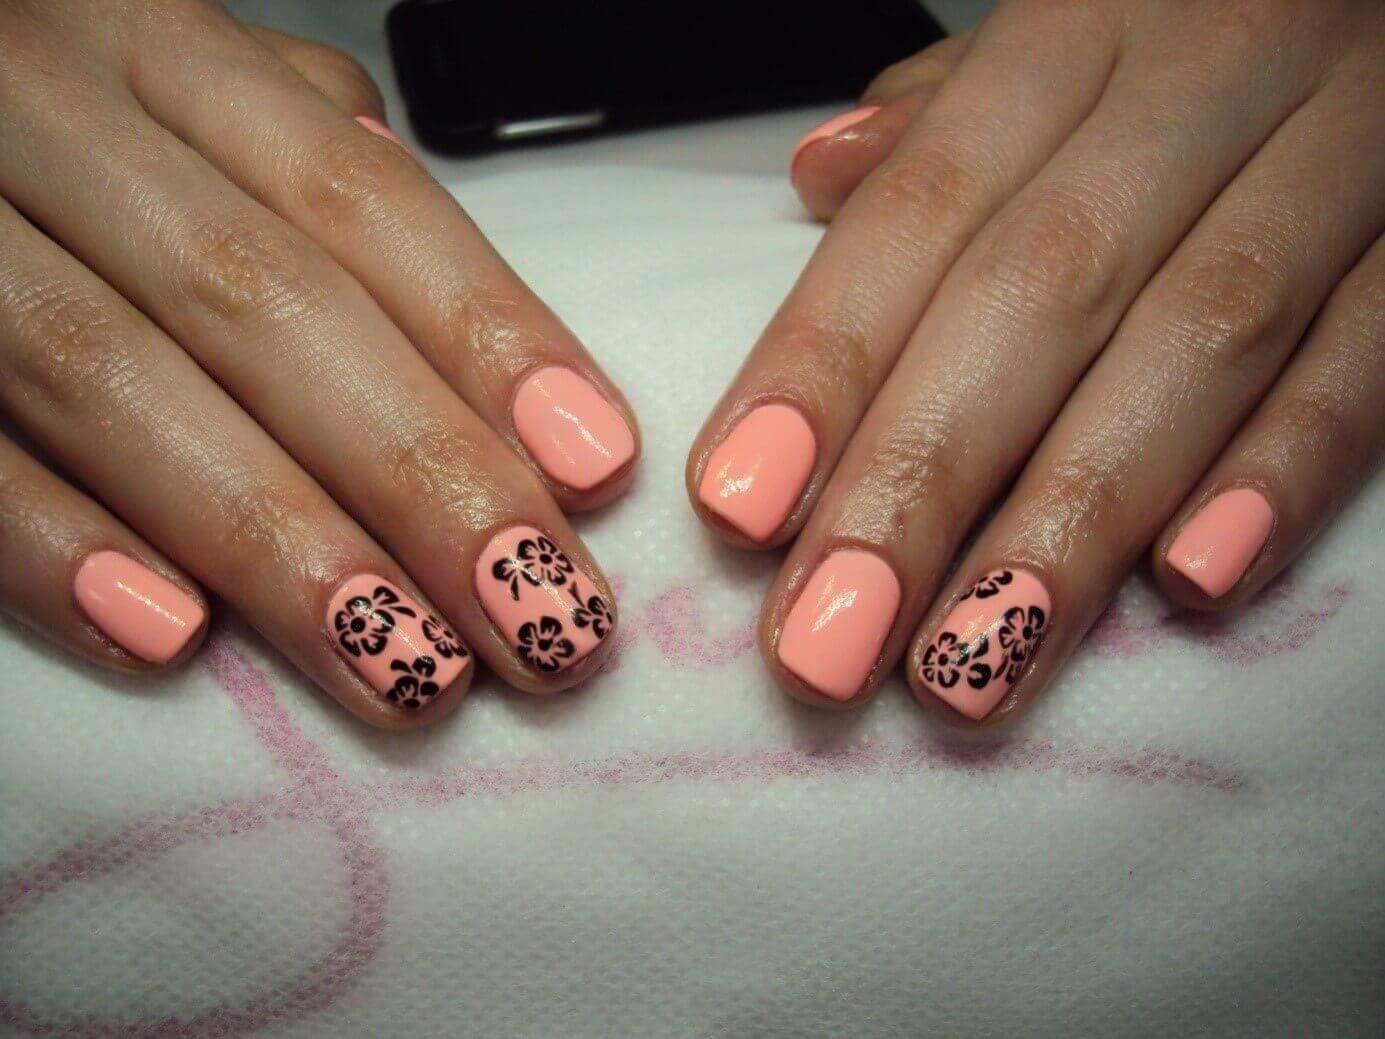 Efekt końcowy przygotowywania paznokci hybrydowych